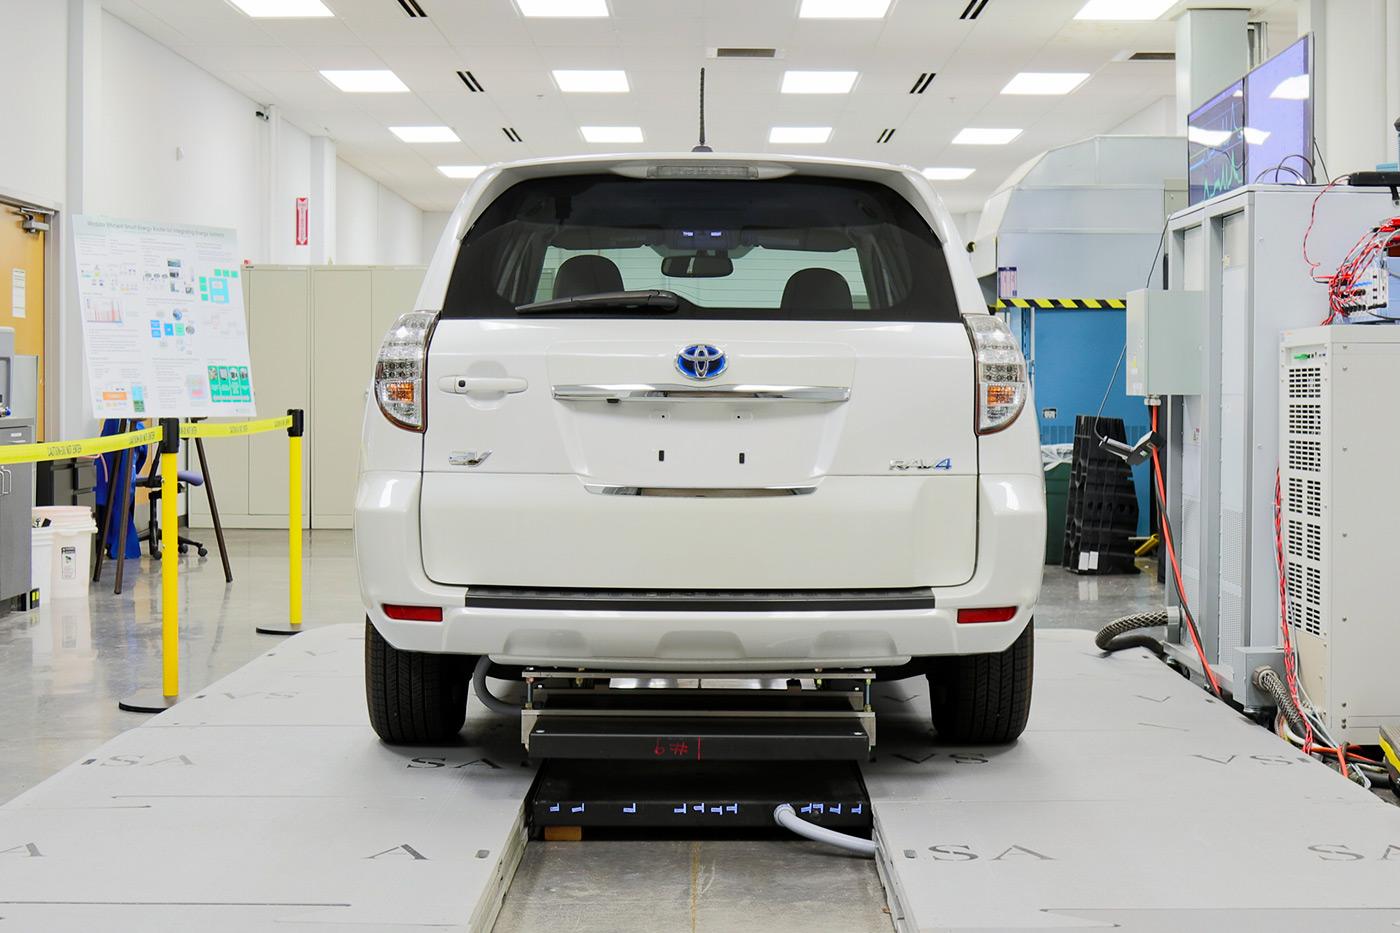 电动汽车所用的无线充电效率将可媲美有线充电